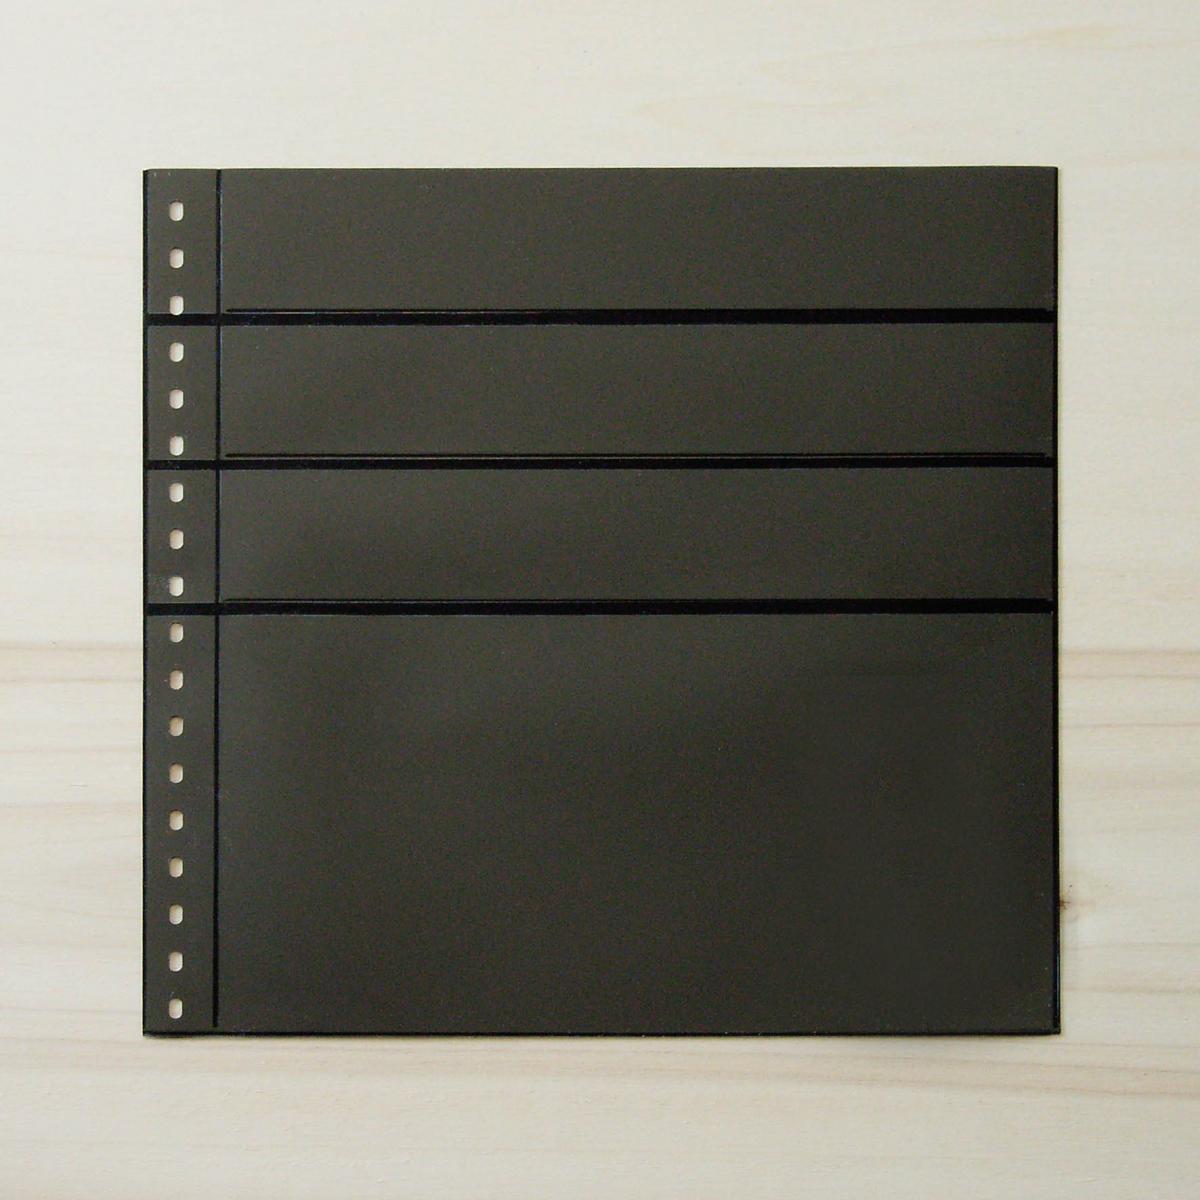 LINDNER Omnia Einsteckblatt 081 schwarz 3x 43 und 1x 141 mm 0